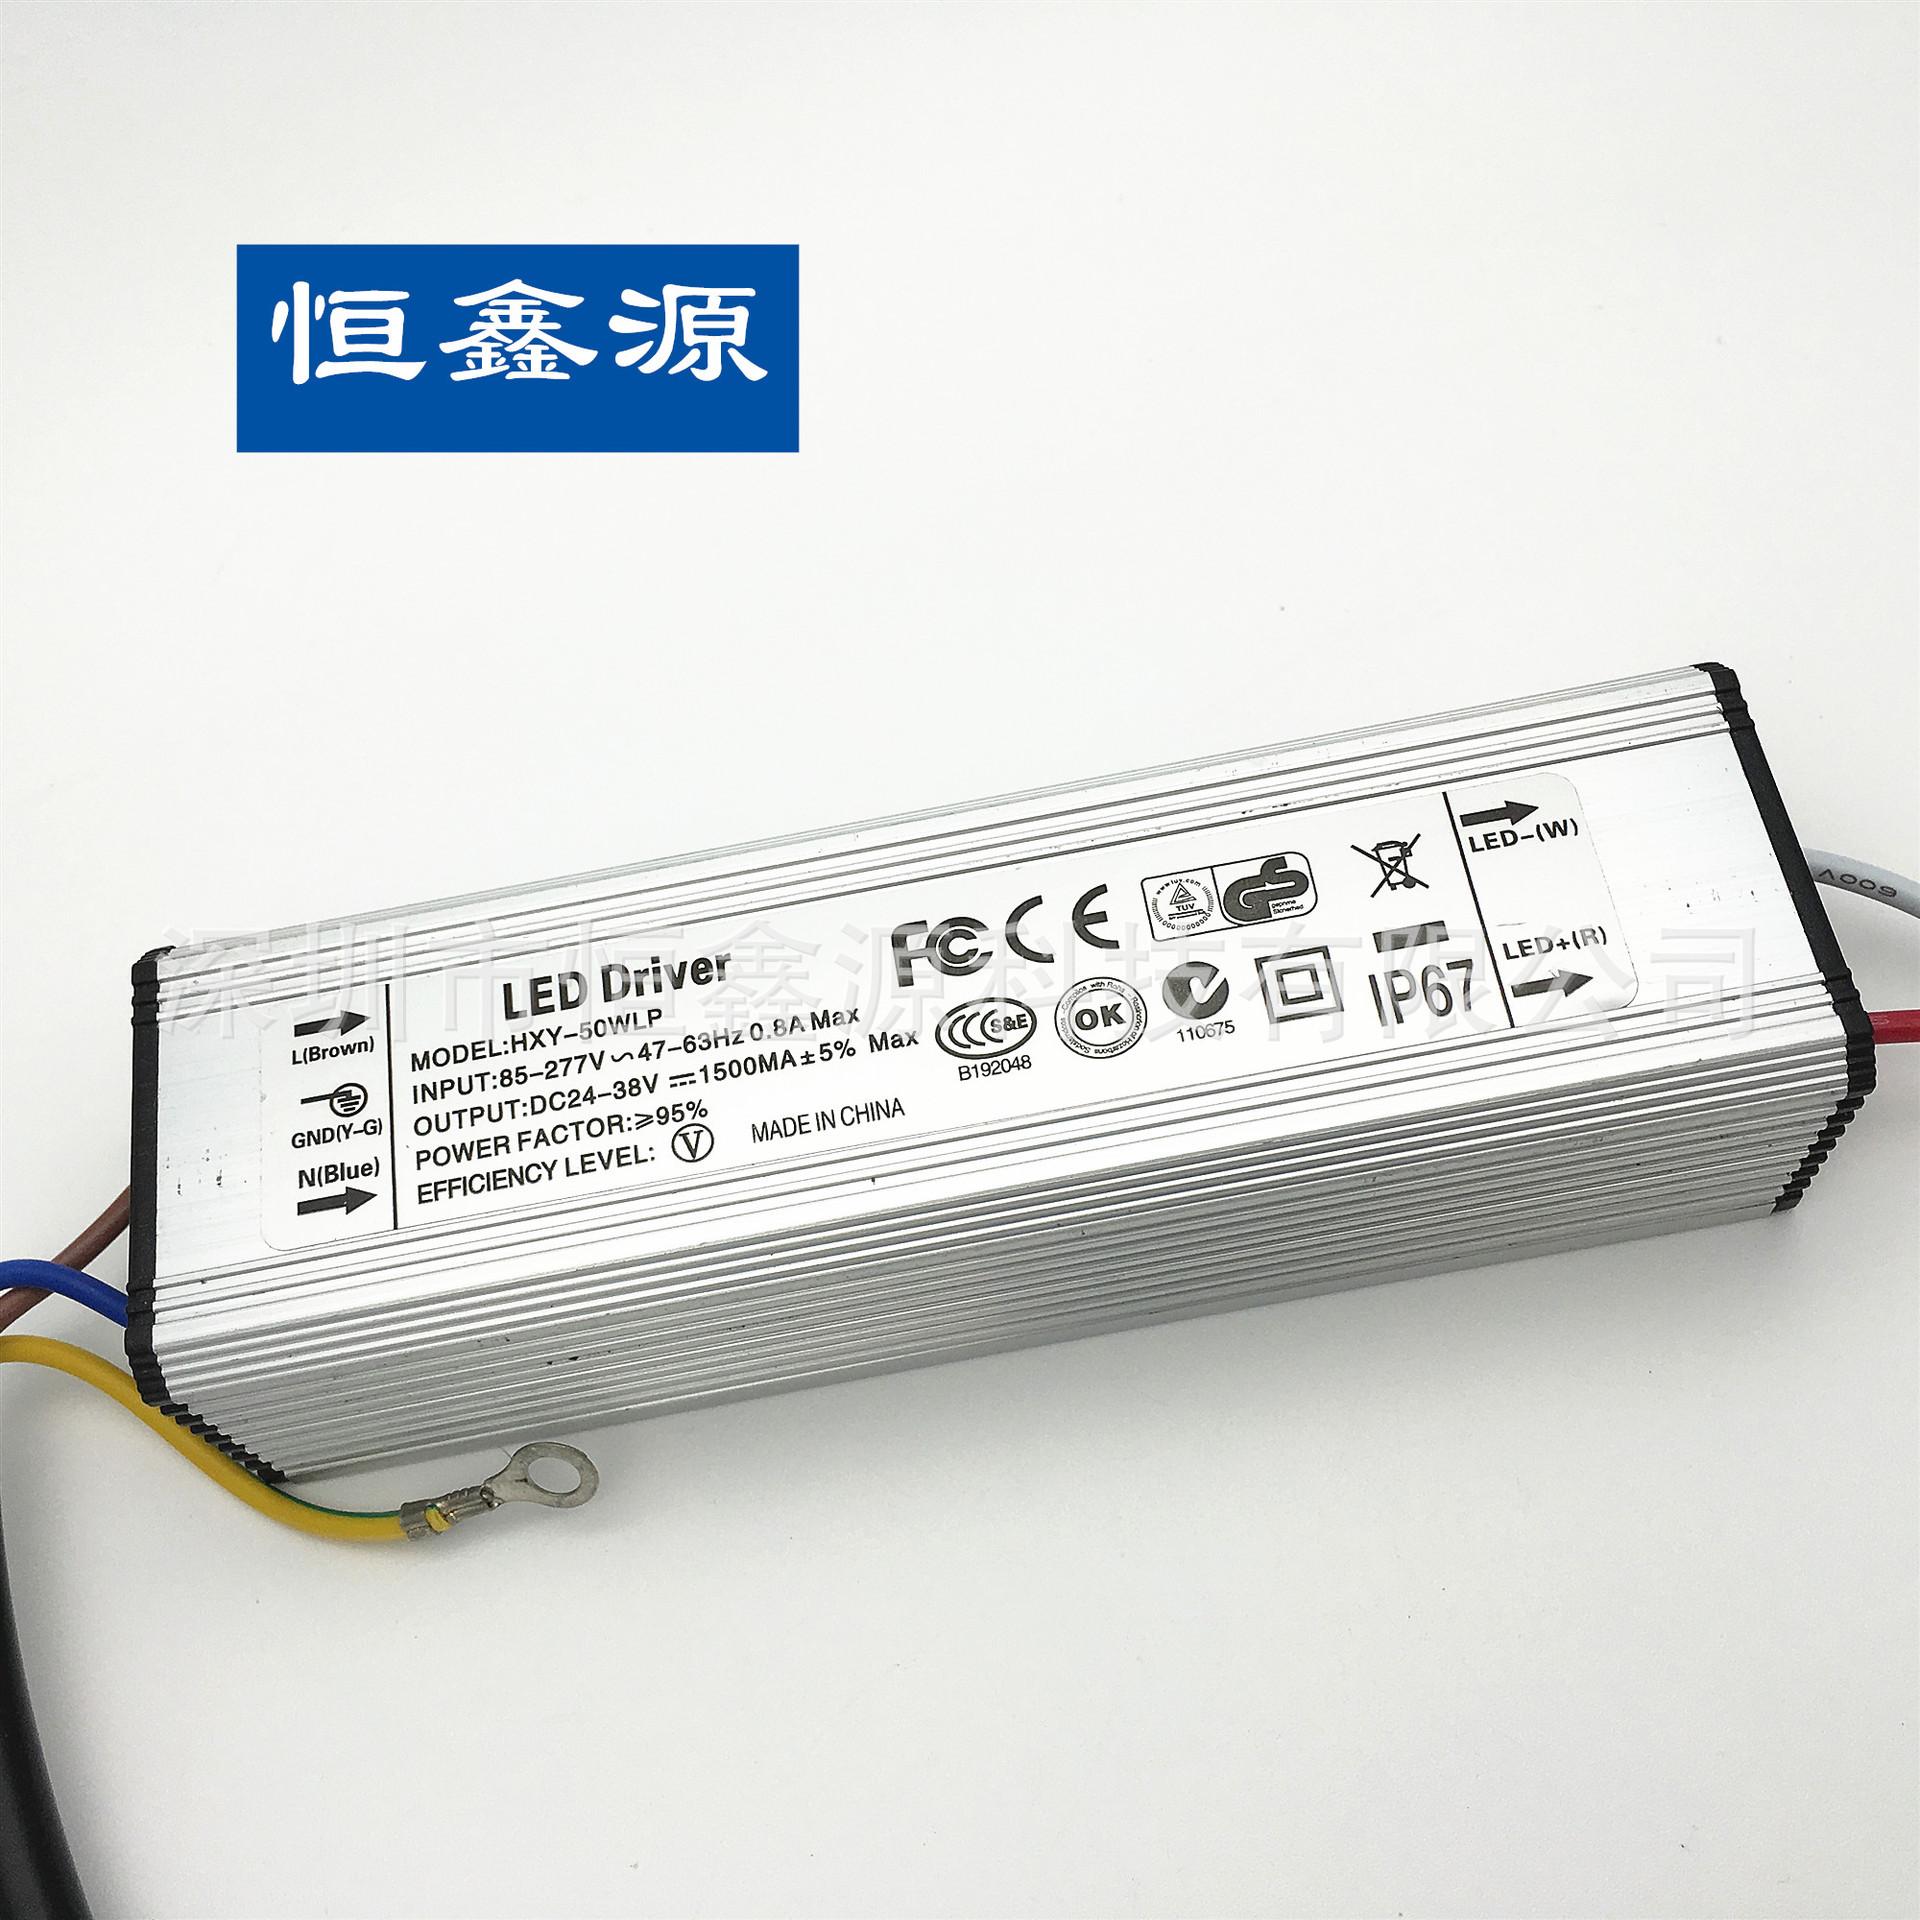 HENGXINYUAN Bộ nguồn không đổi Led không thấm nước ổ đĩa hiện tại không đổi 50W đèn đường bảng điều